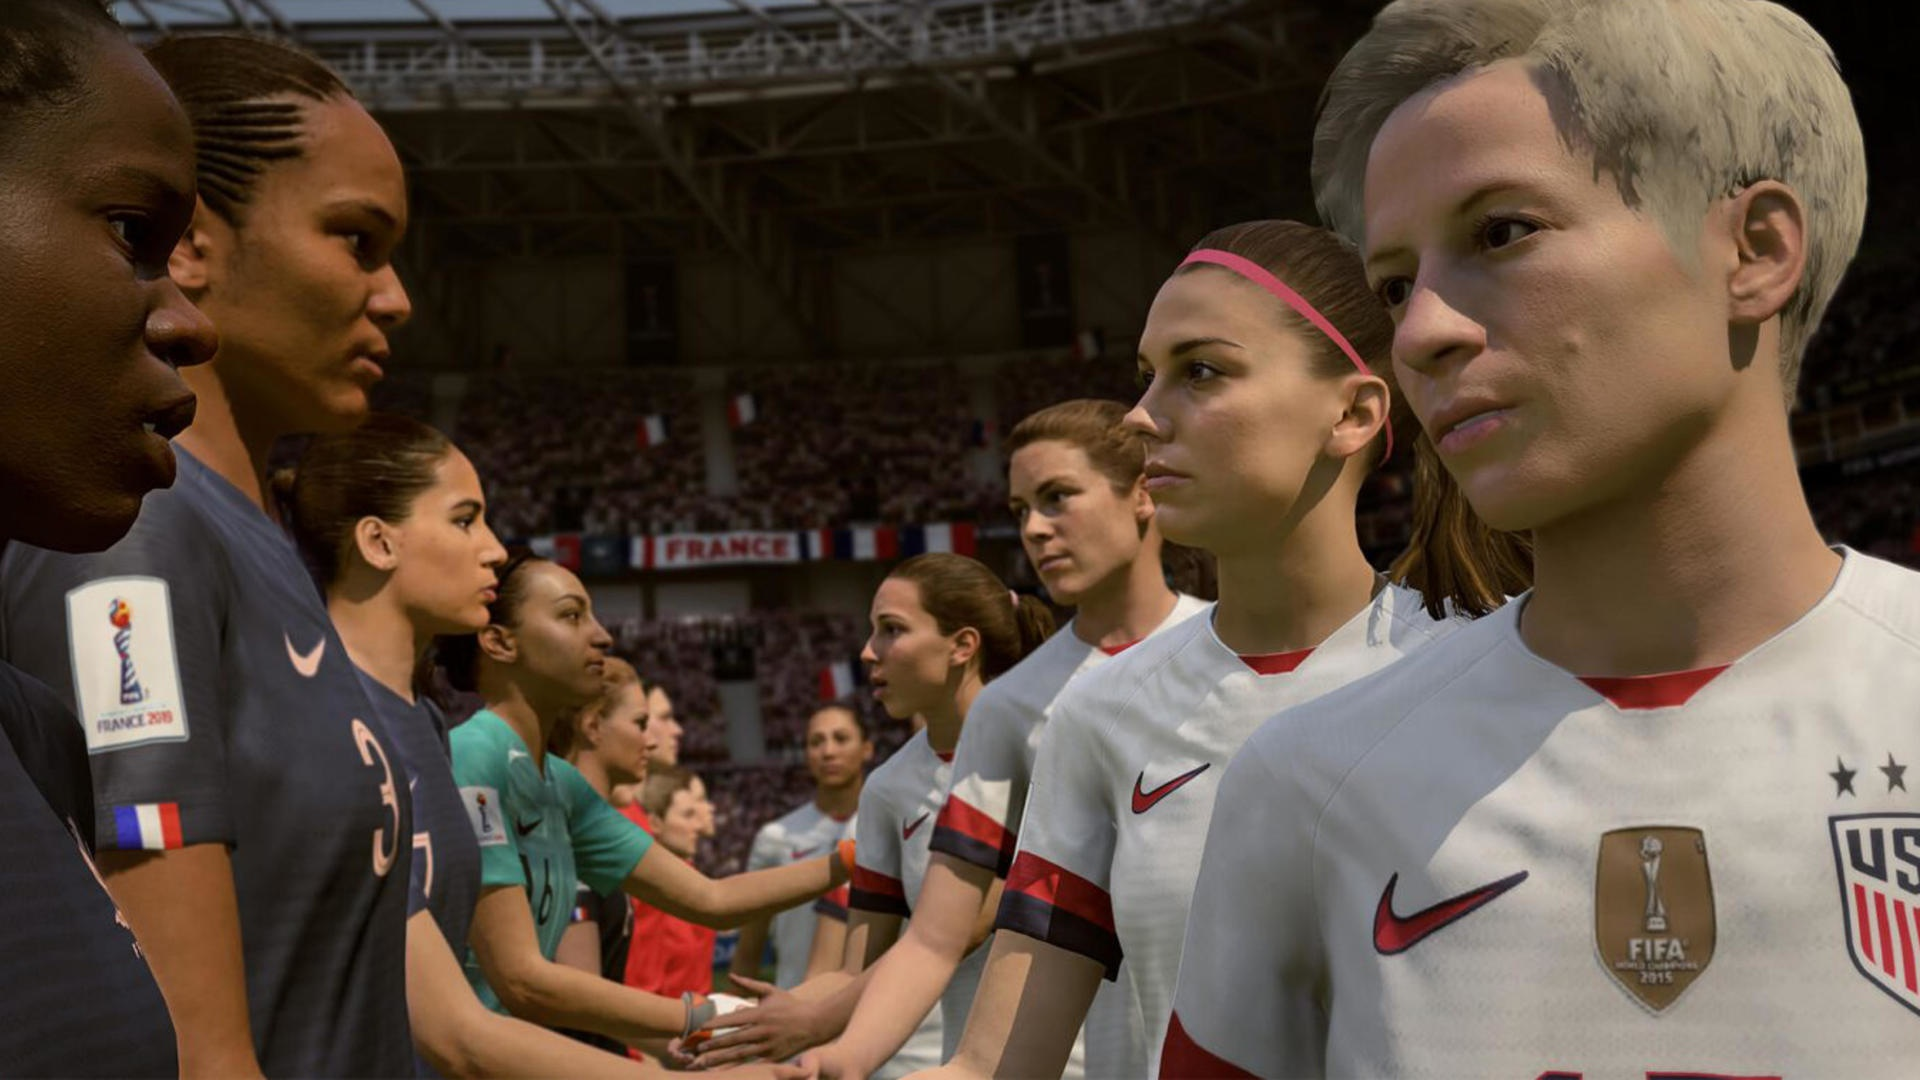 FIFA 22: Unter den 22 besten Spielerinnen befinden sich drei Deutsche